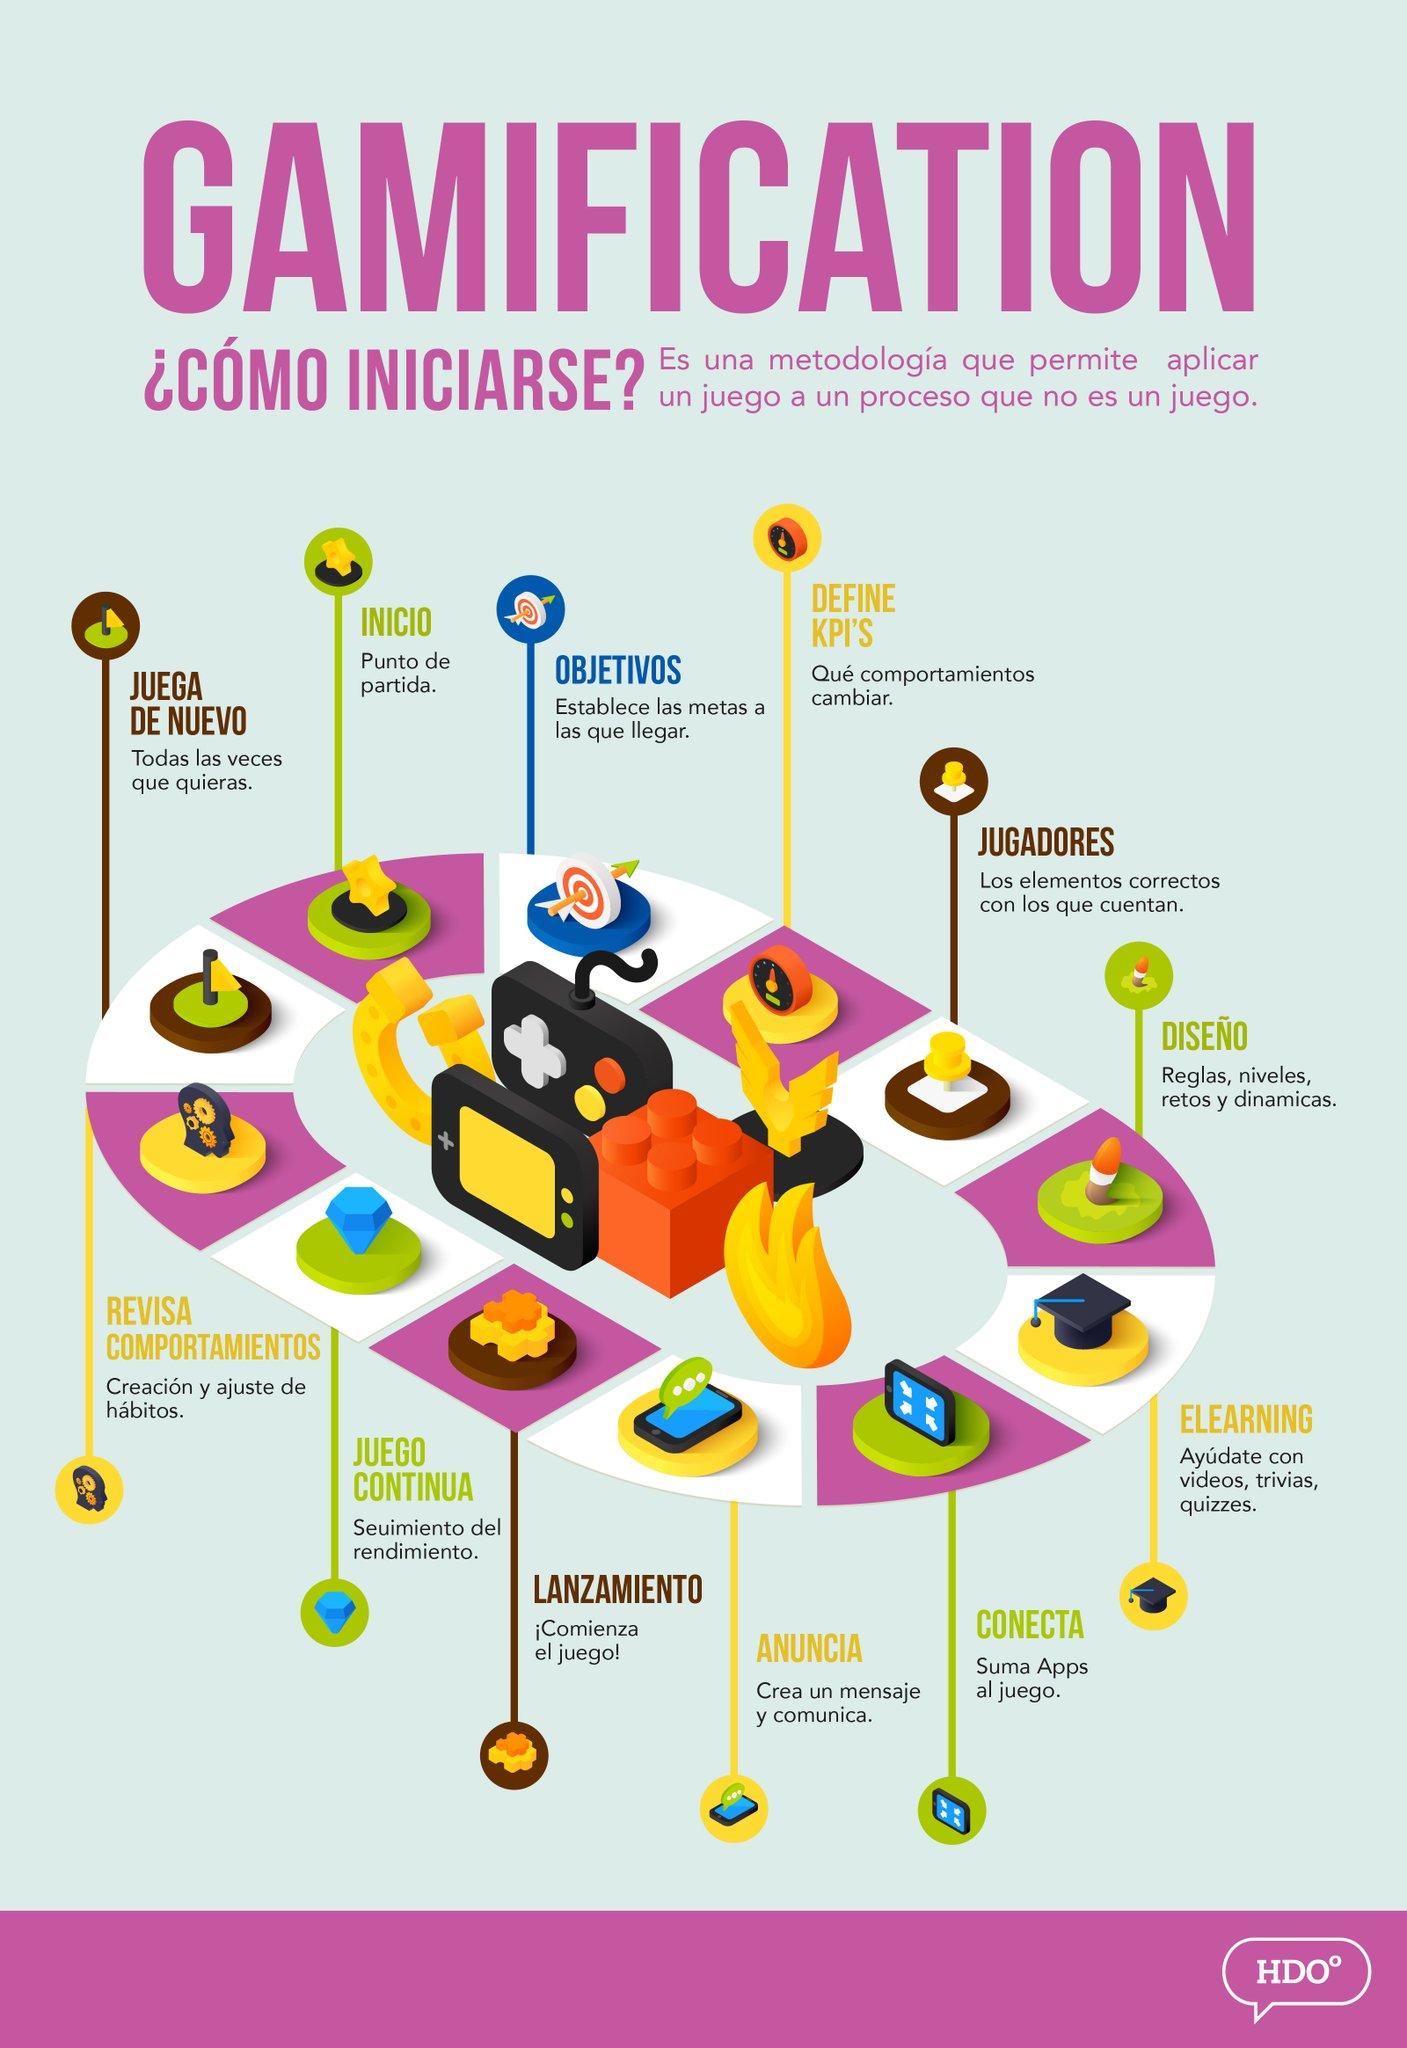 Gamificación: cómo iniciarse #infografia #infographic